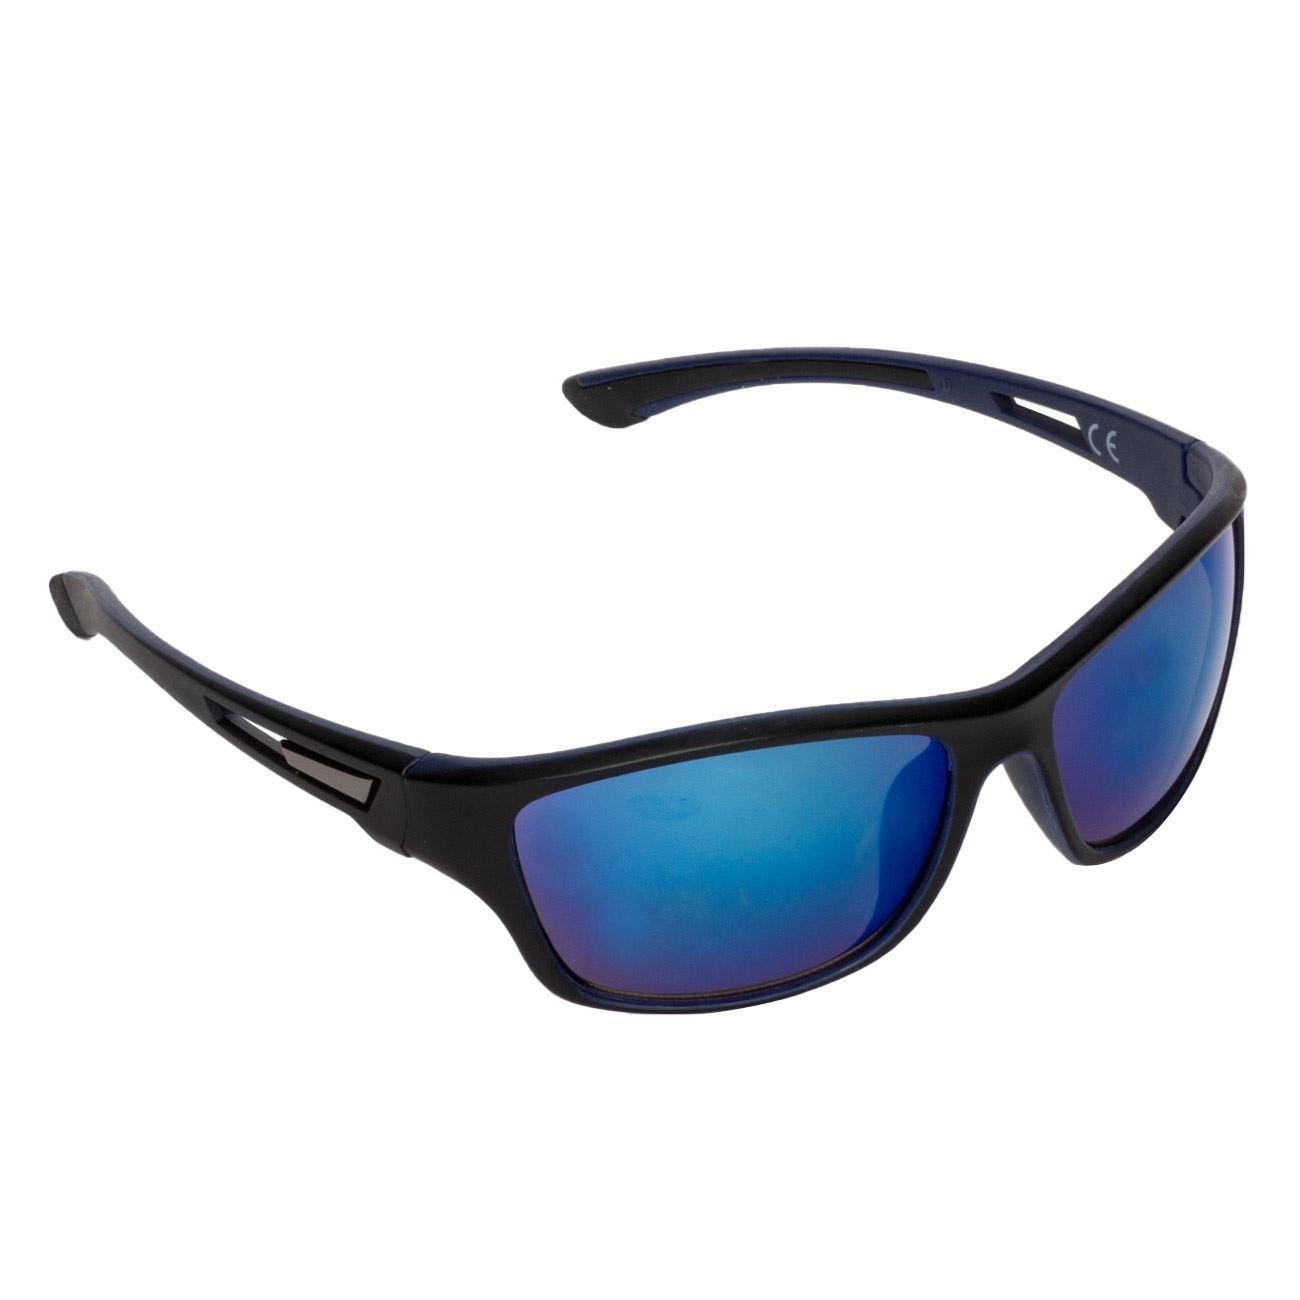 616576d995 Γυαλιά Ηλίου Ανδρικά Πλαστικά Ματ Μάσκα Μαύρα Καθρέφτες   Γυαλιά Ηλίου  Ανδρικά